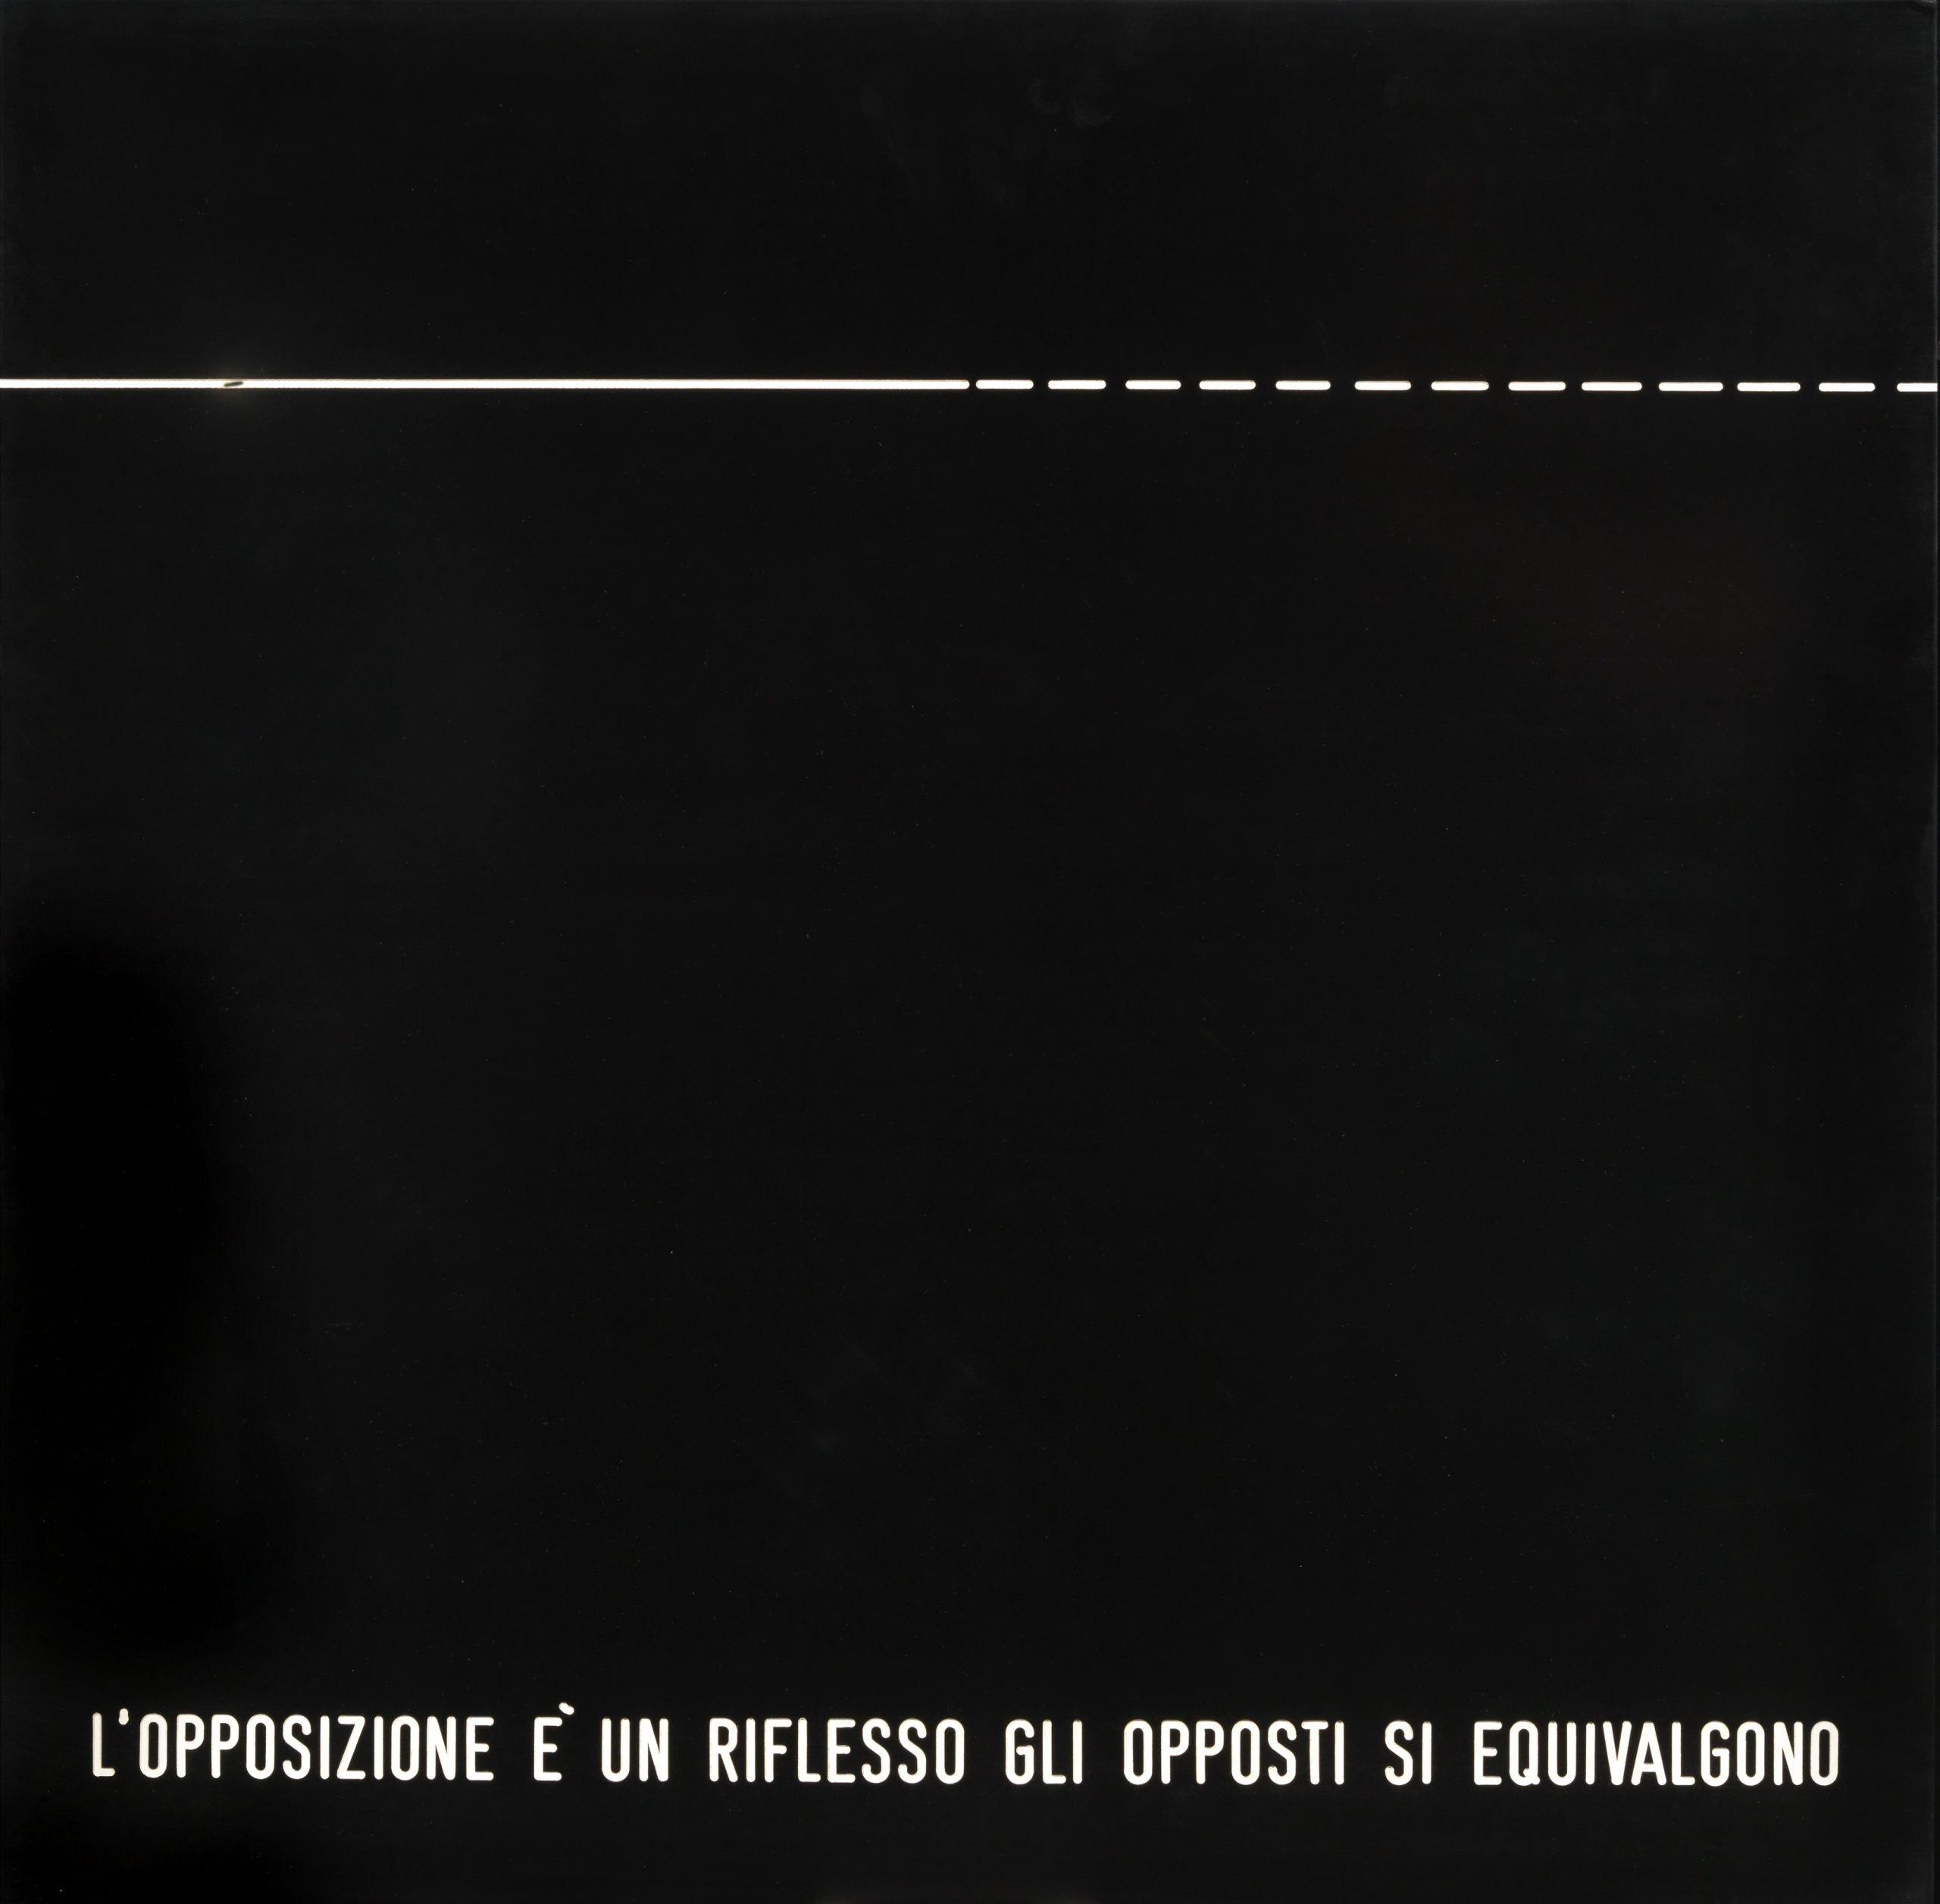 Vincenzo Agnetti, Assioma: l'opposizione è un riflesso gli opposti si equivalgono, 1970, bakélite noire, peinture nitro blanche, 70x70 cm